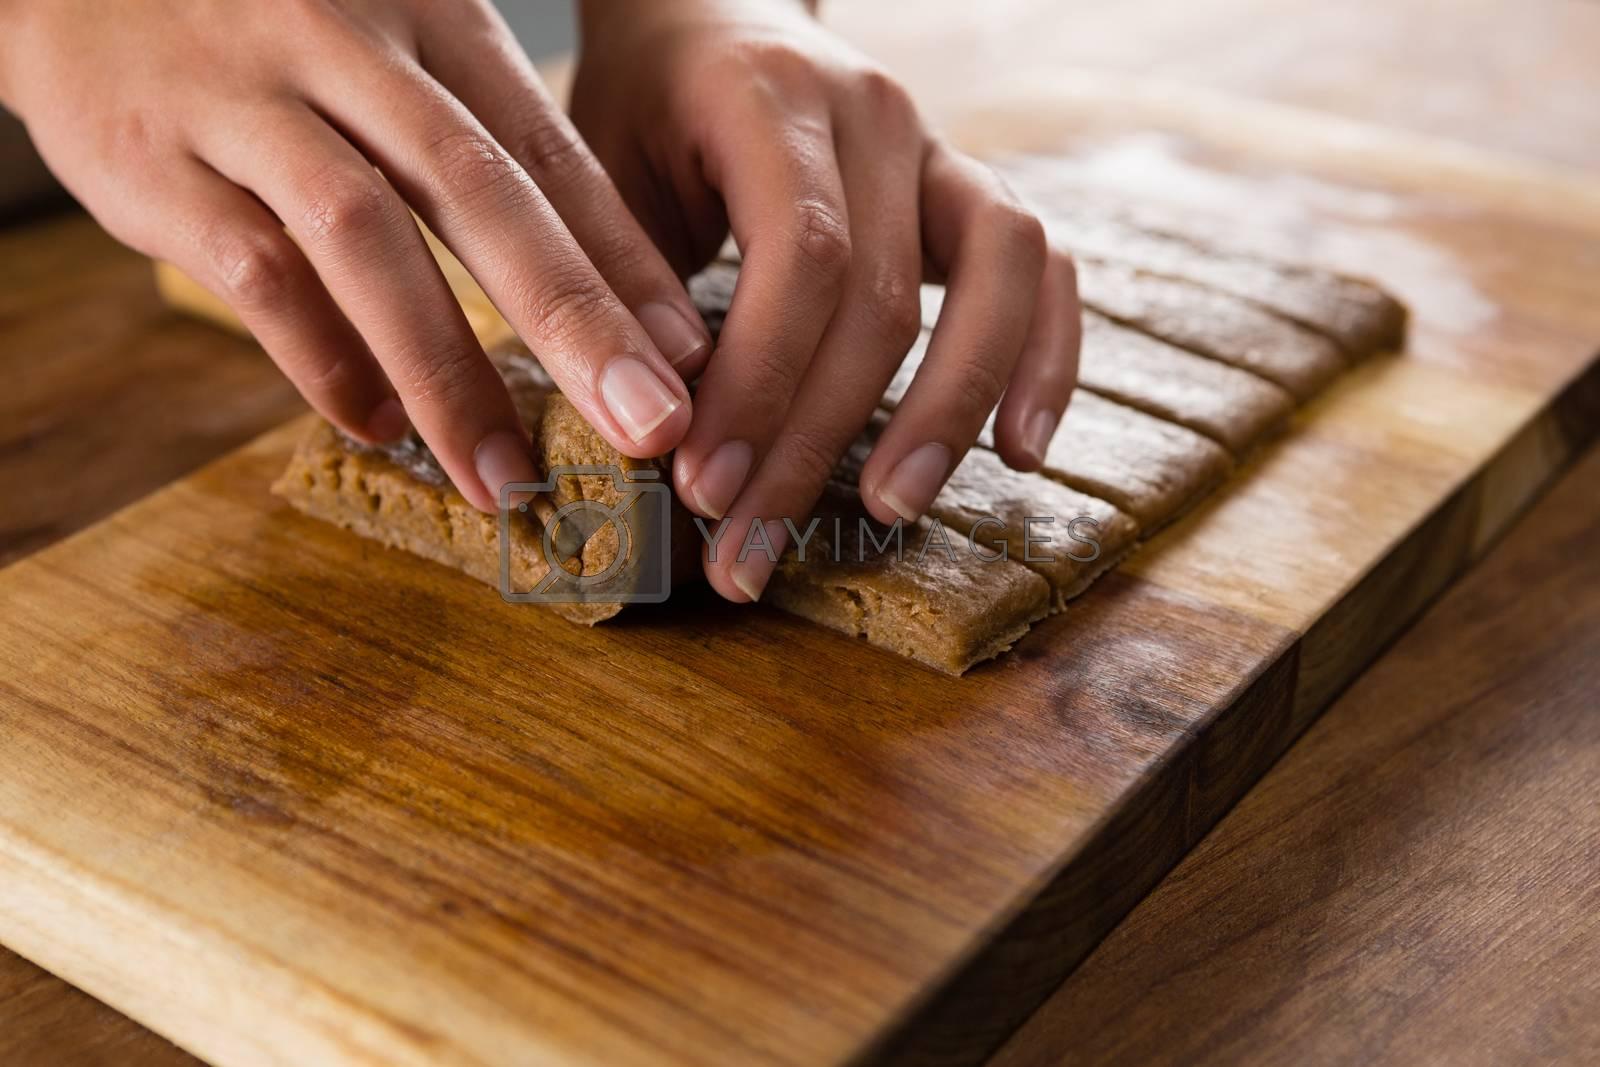 Woman arranging dough on chopping board by Wavebreakmedia